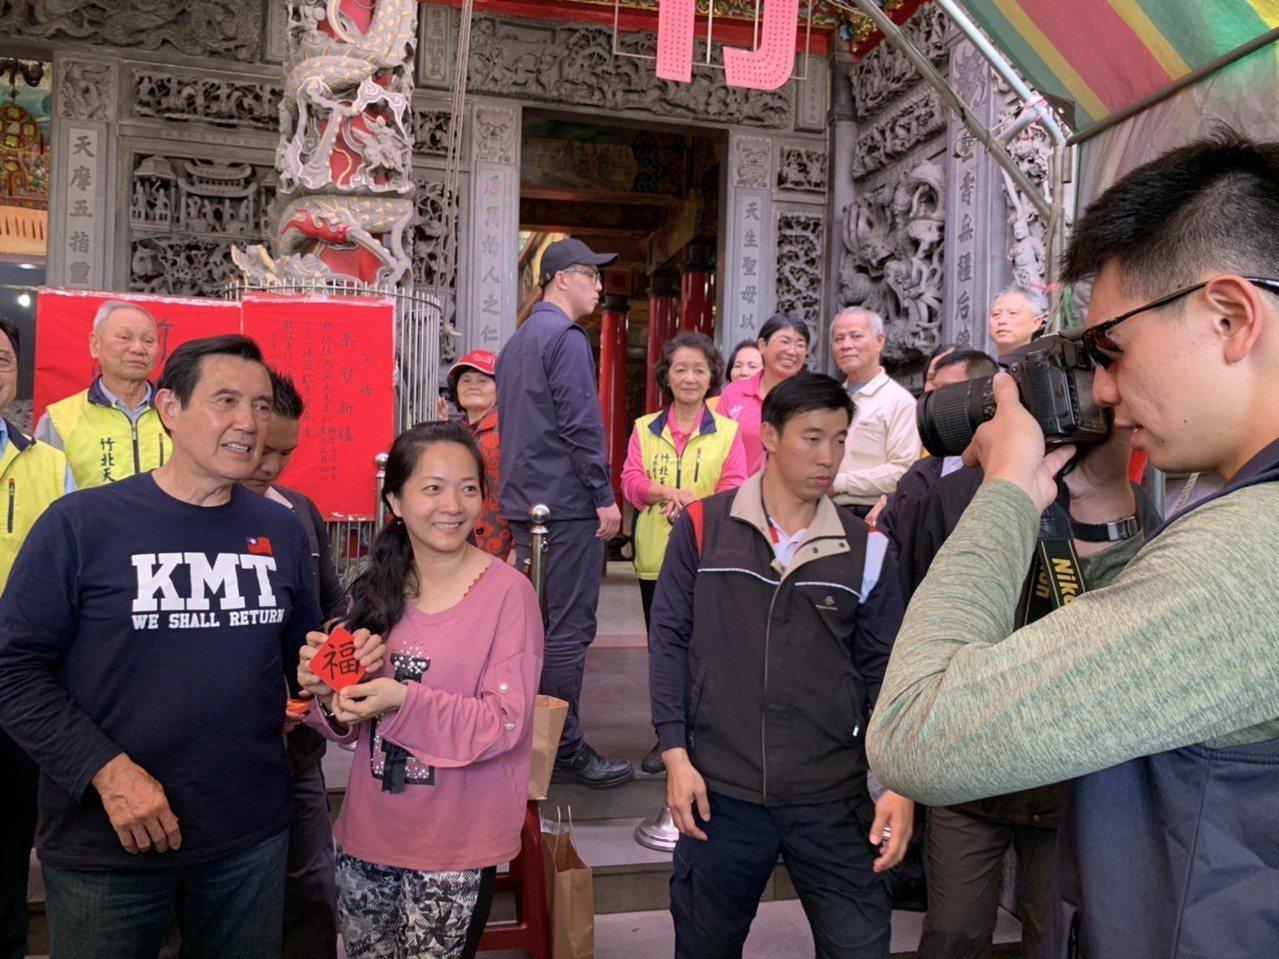 現場大排長龍,許多民眾除了拿福卡,還自備手機、相機,請工作人員幫忙拍照,就是要與...